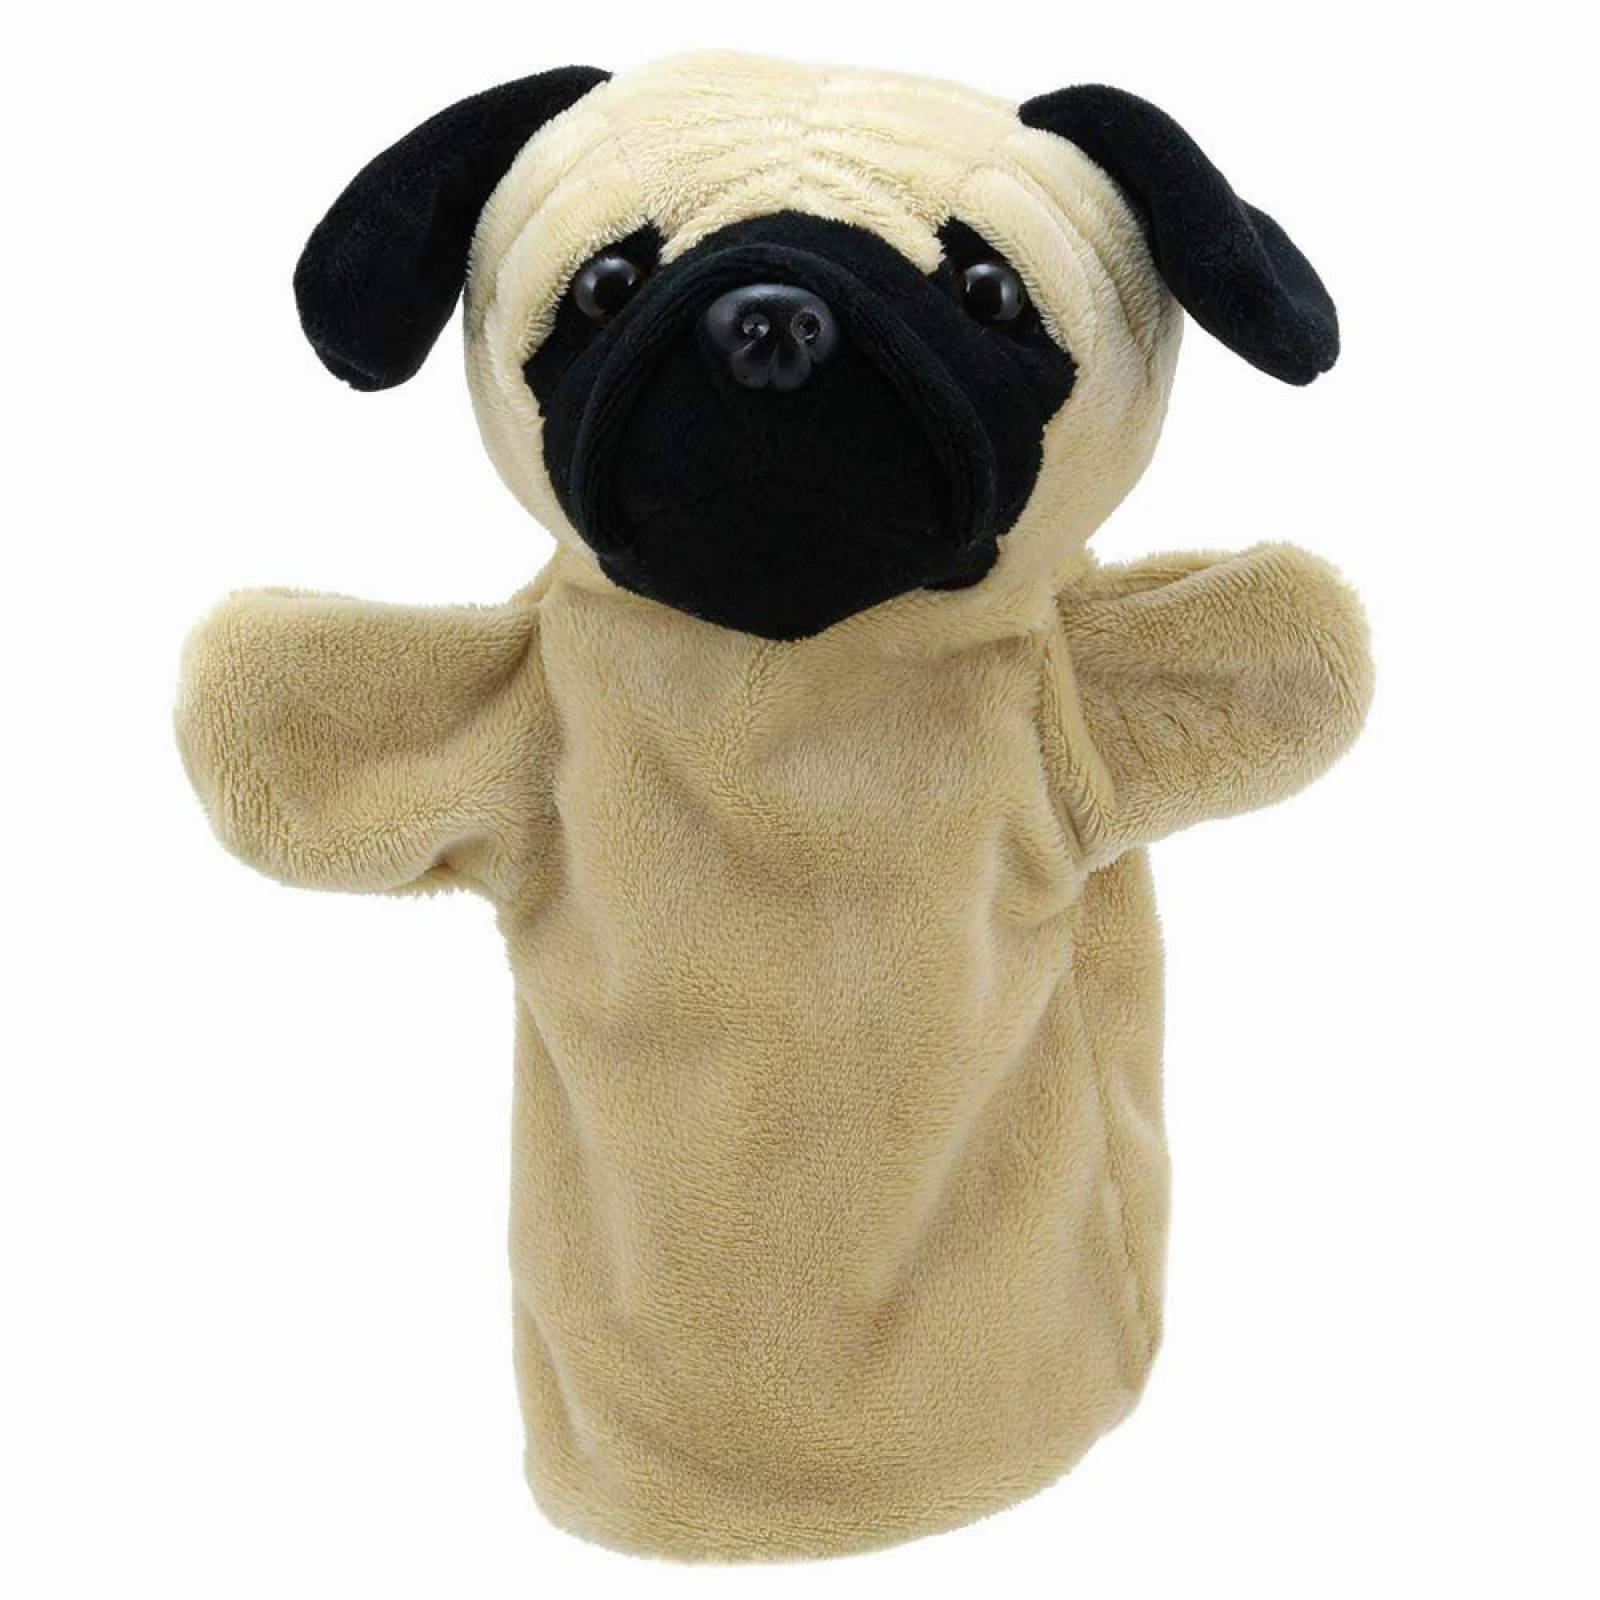 Pug - Puppet Buddy Hand Puppet 1+